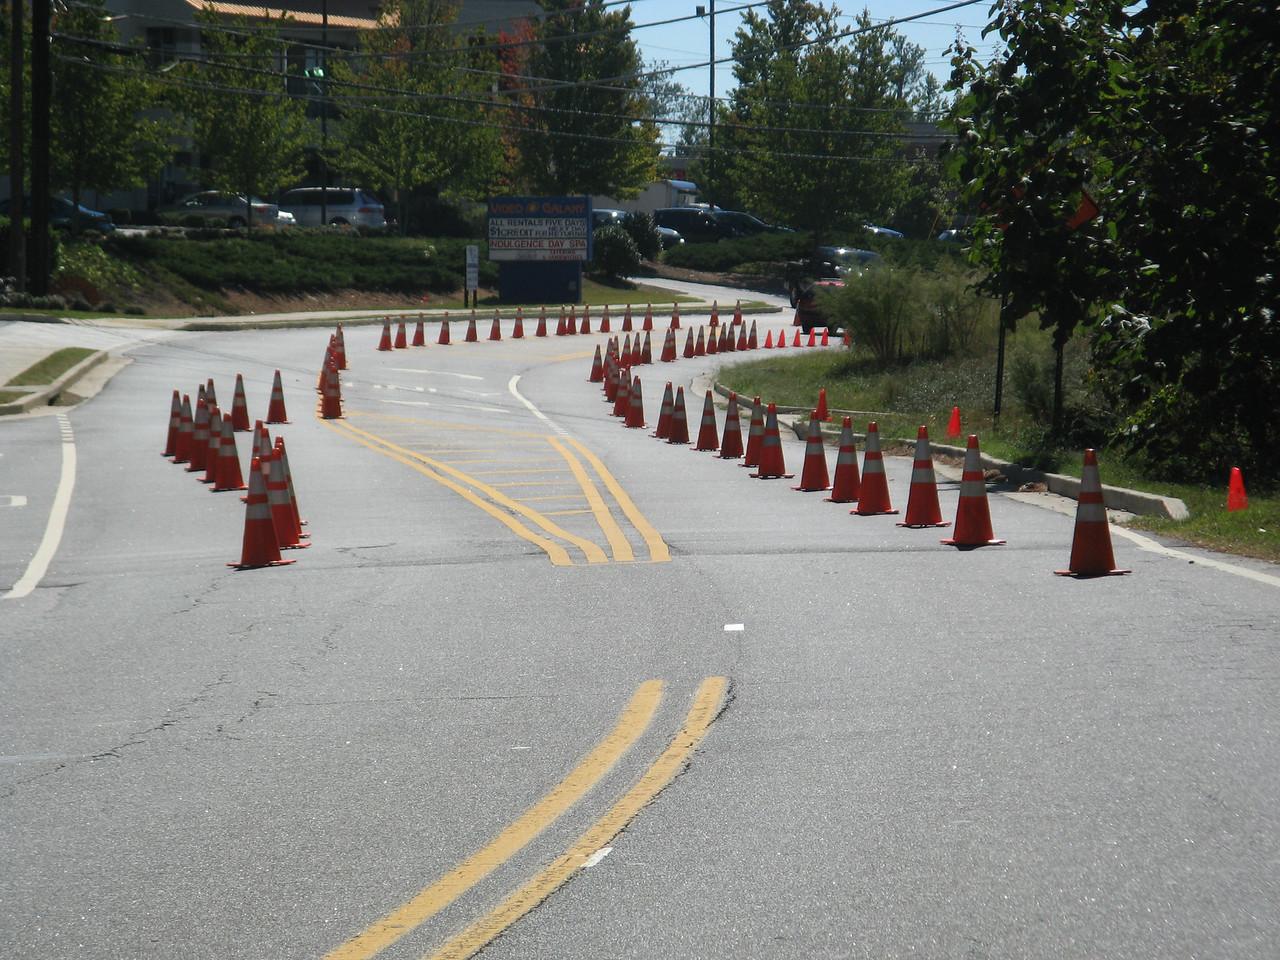 Cone art at it's best in Alpharetta, GA.